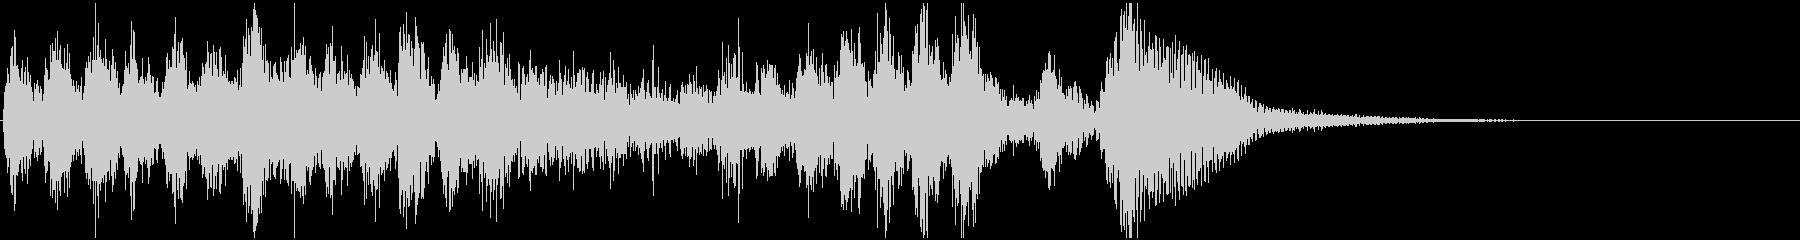 素早いピチカートの楽しげなジングル(2)の未再生の波形